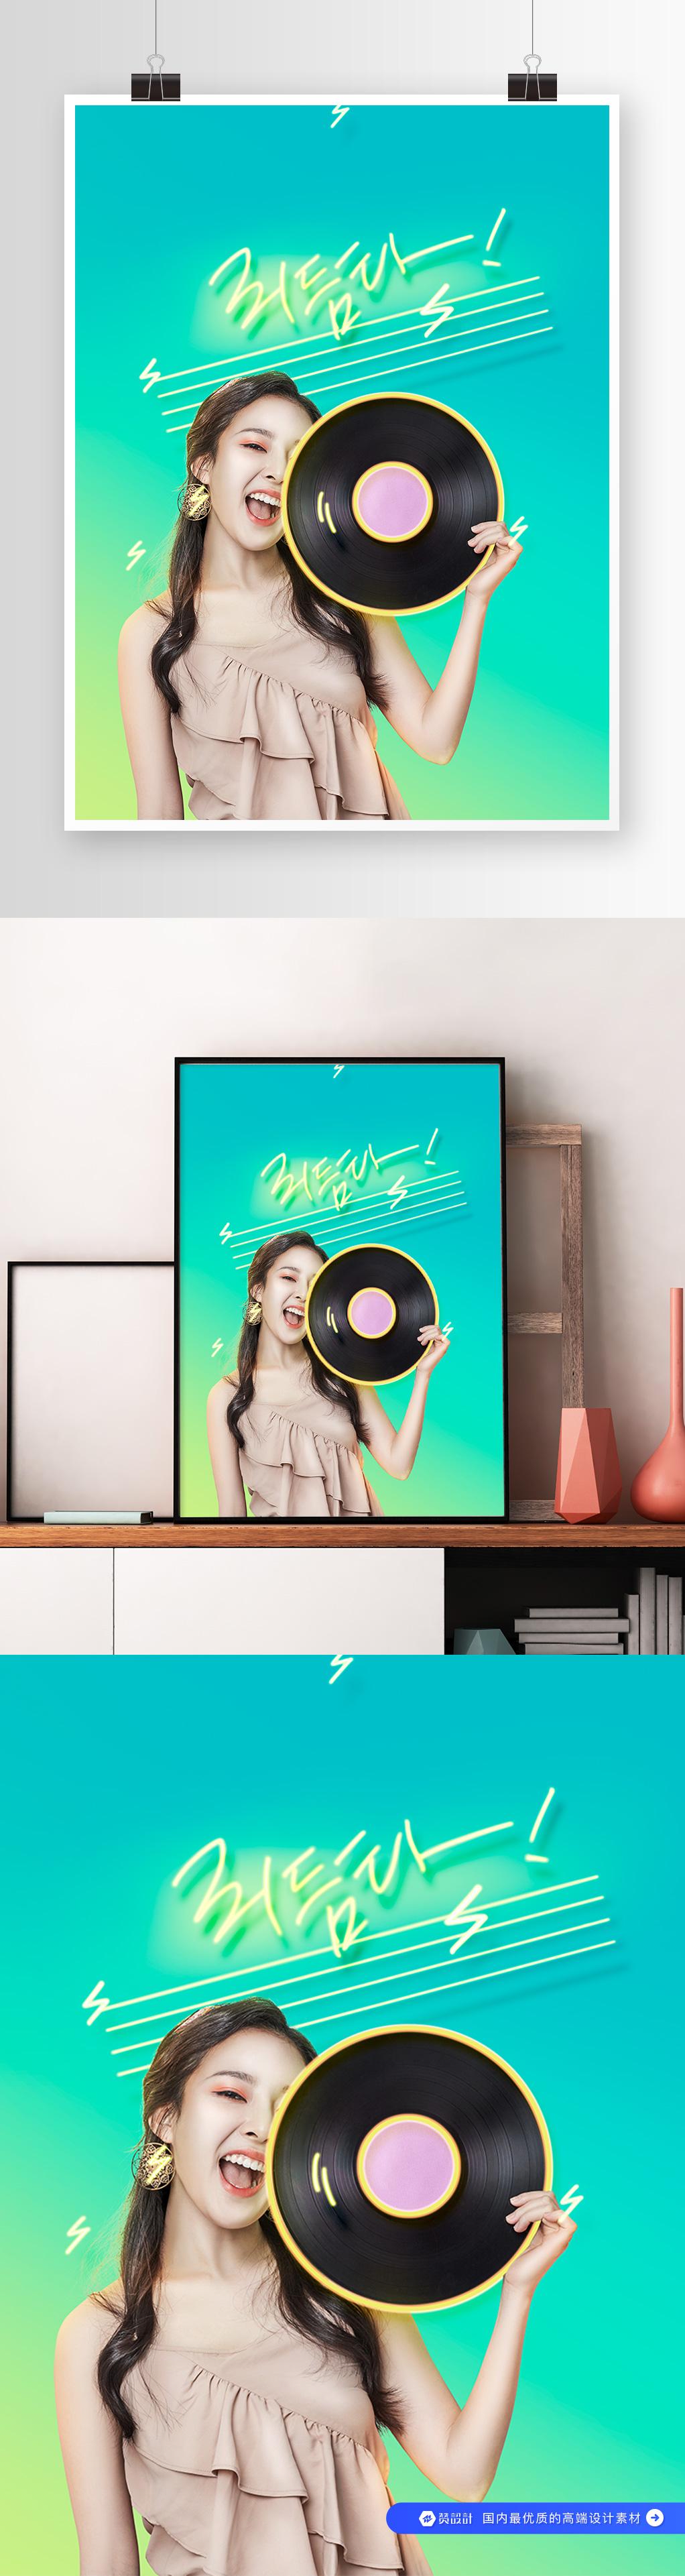 简约炫彩音乐 美女产品促销海报psd